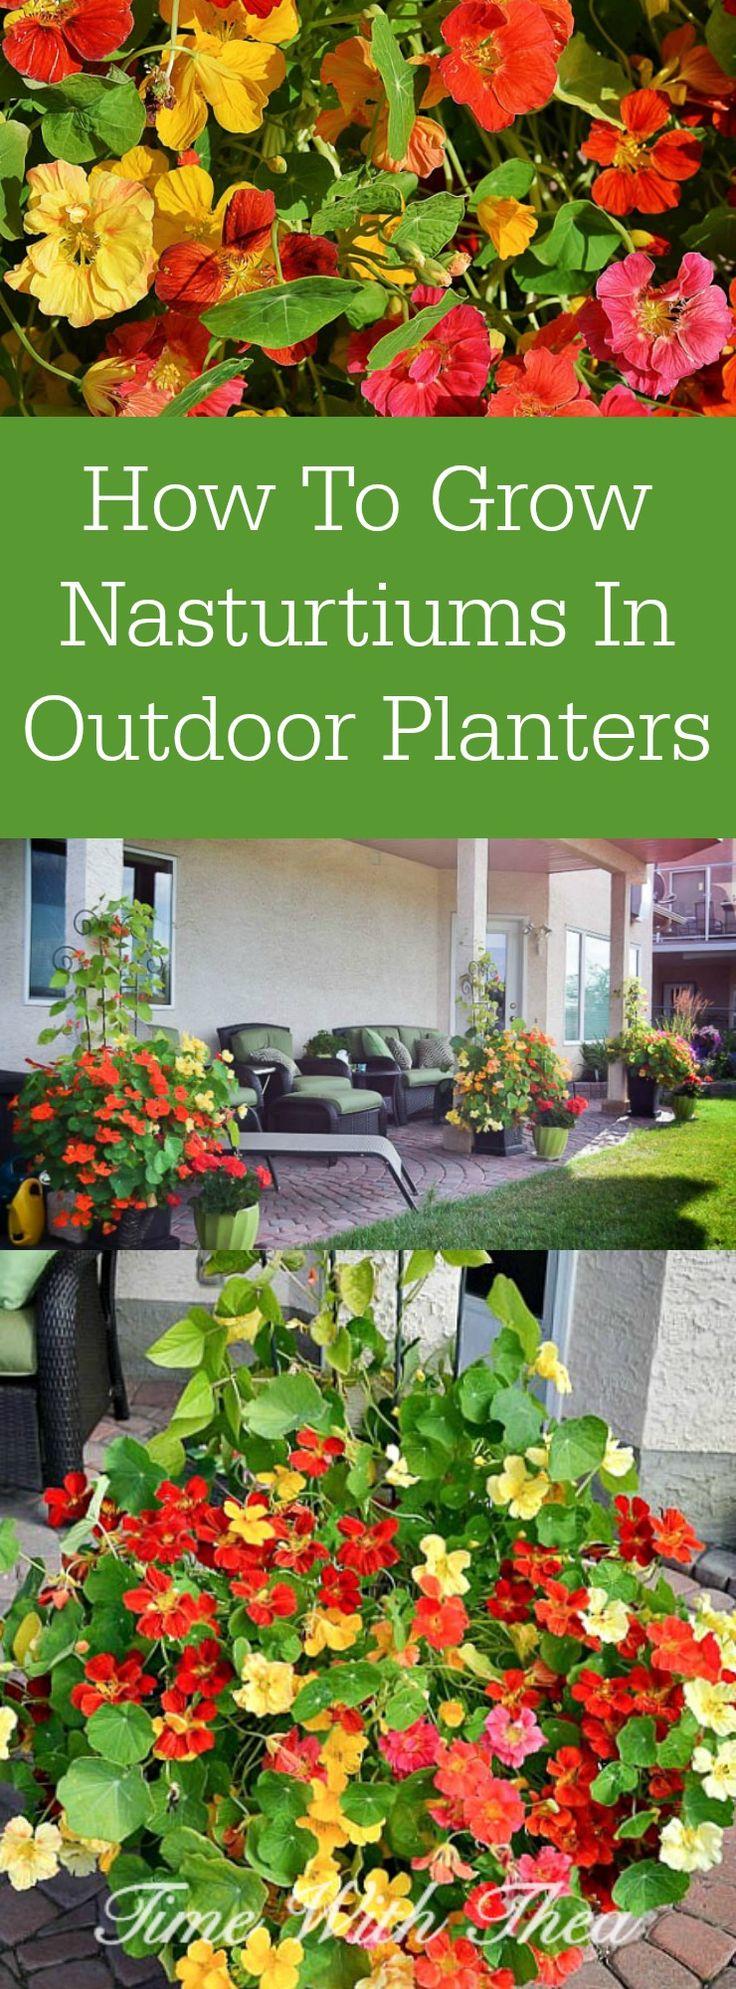 How To Grow Nasturtiums In Outdoor Planters